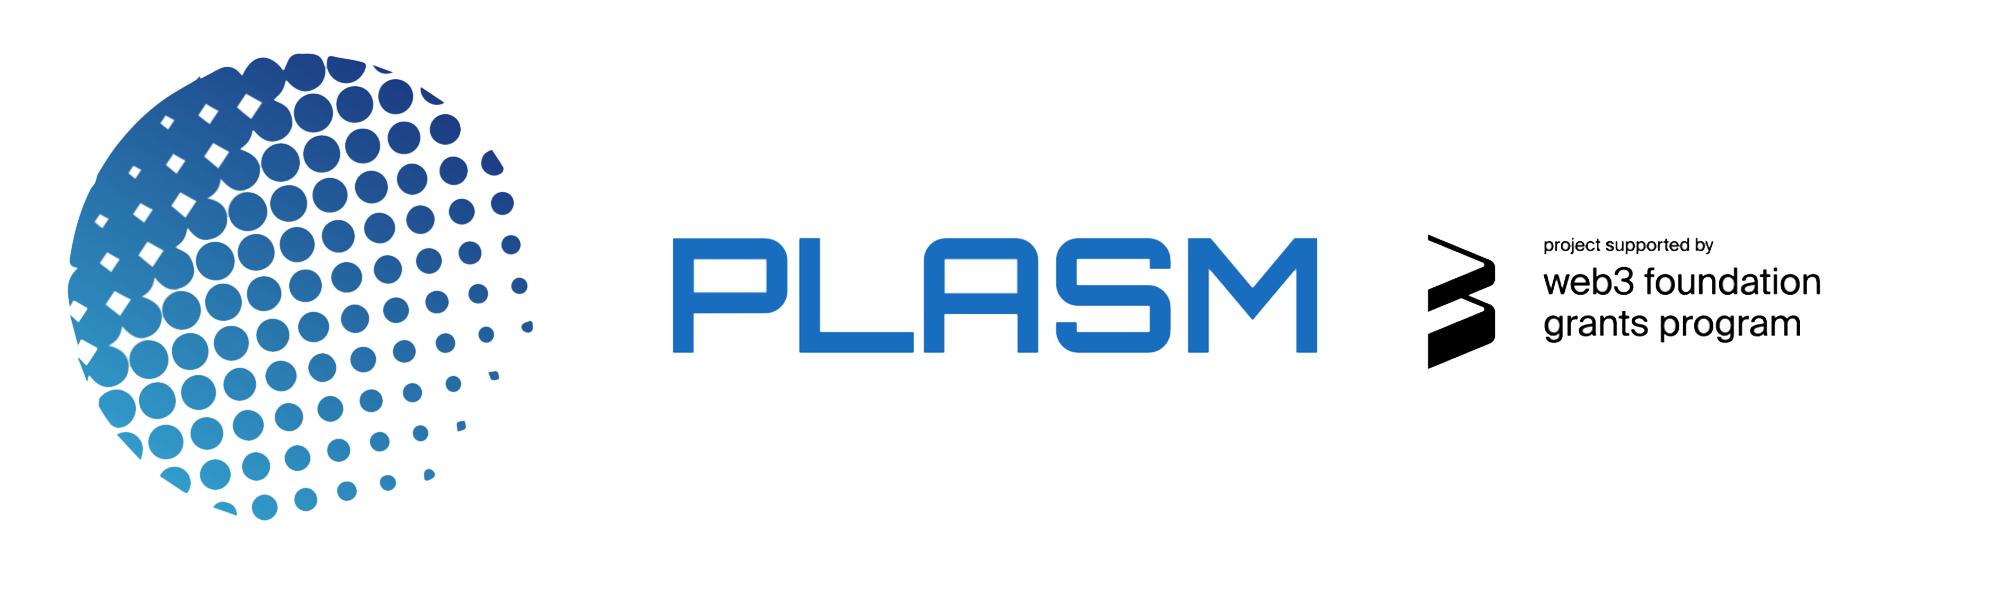 plasm_web3